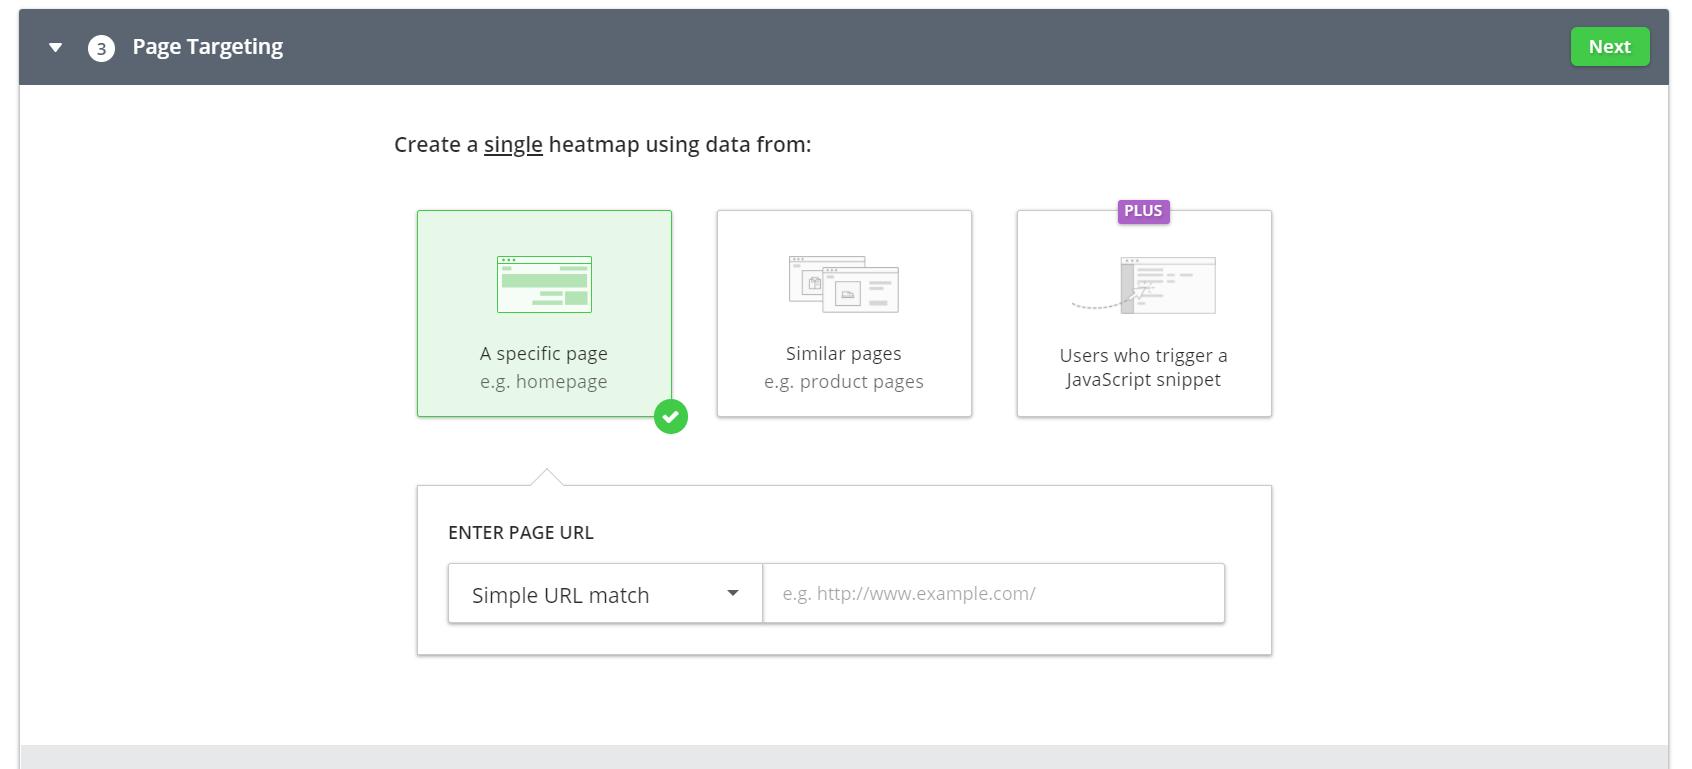 manual heatmap page targeting menu